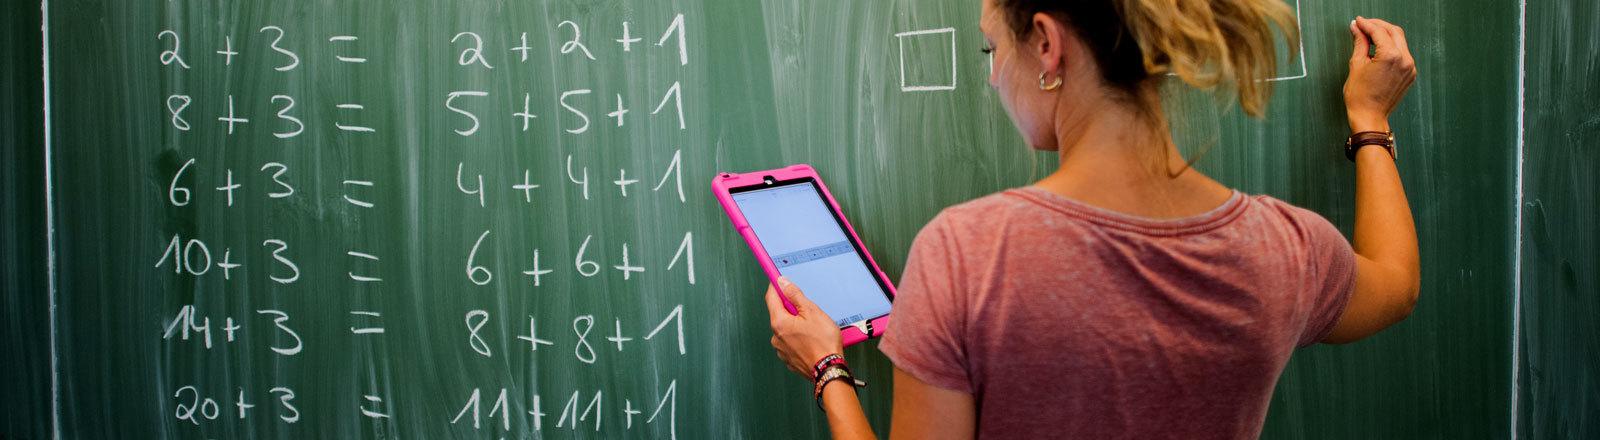 Lehrerin mit Tablet an der Tafel